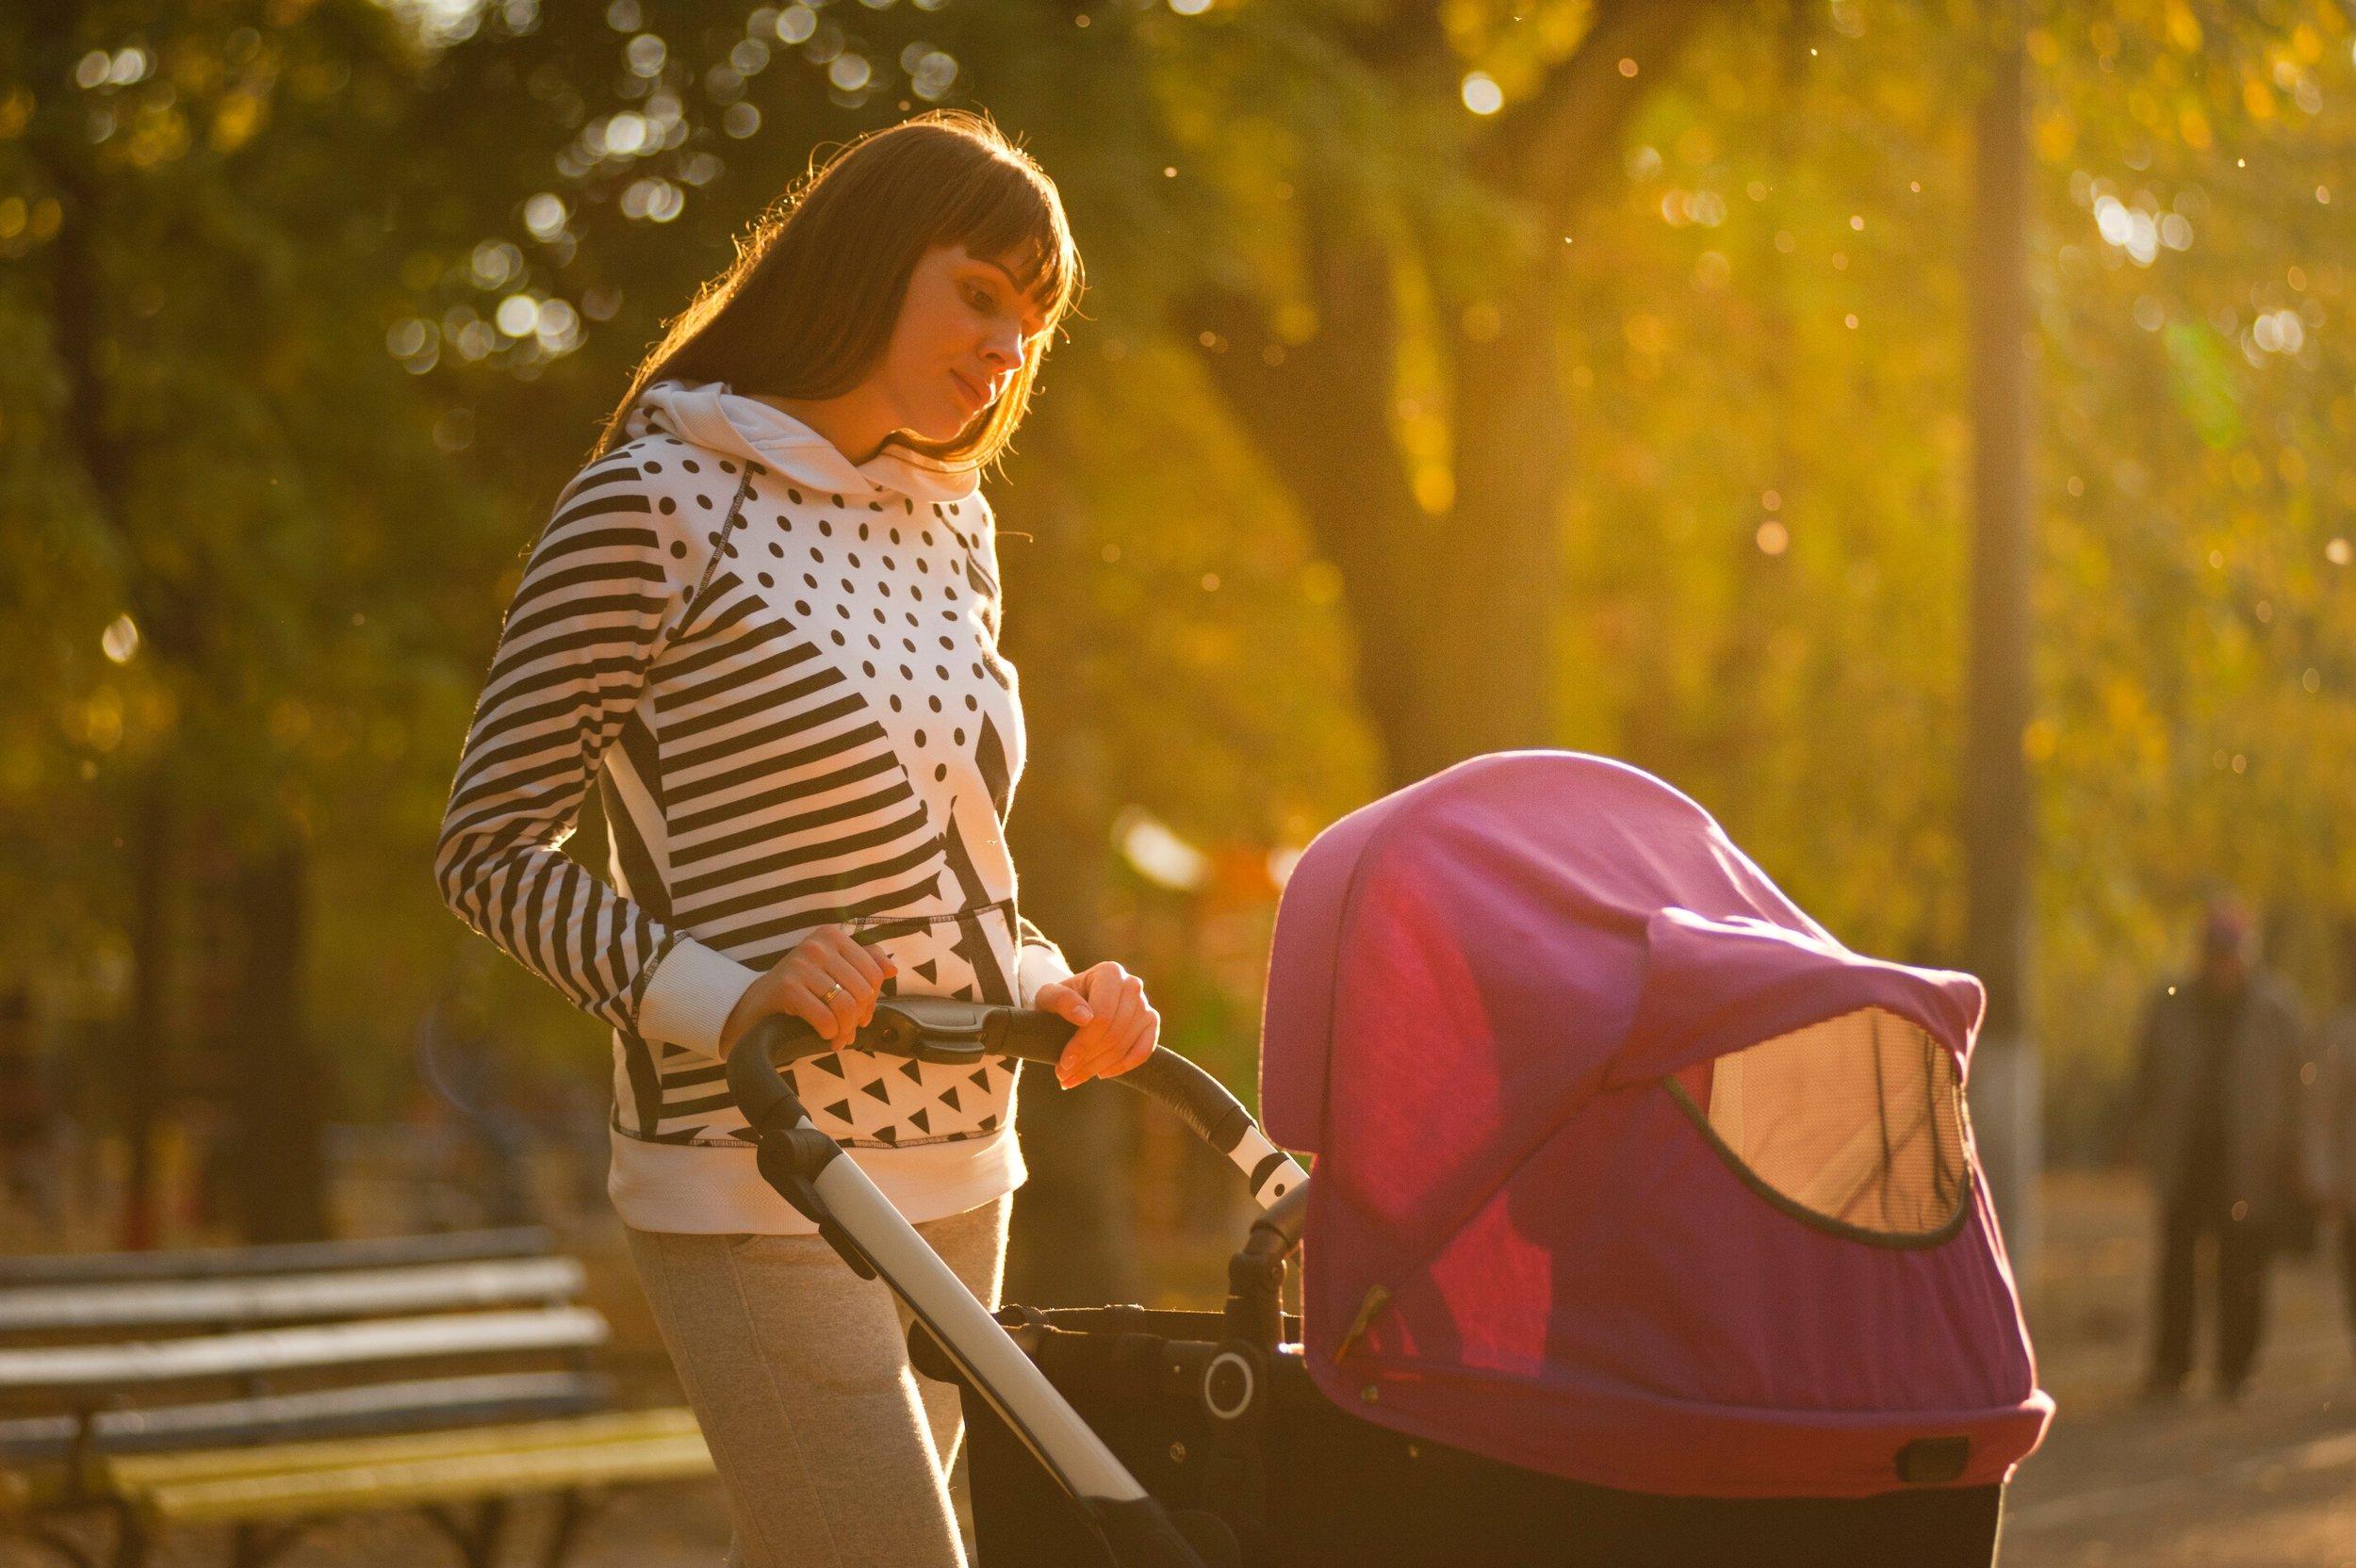 baby-stroller-child-girl-1007788.jpg